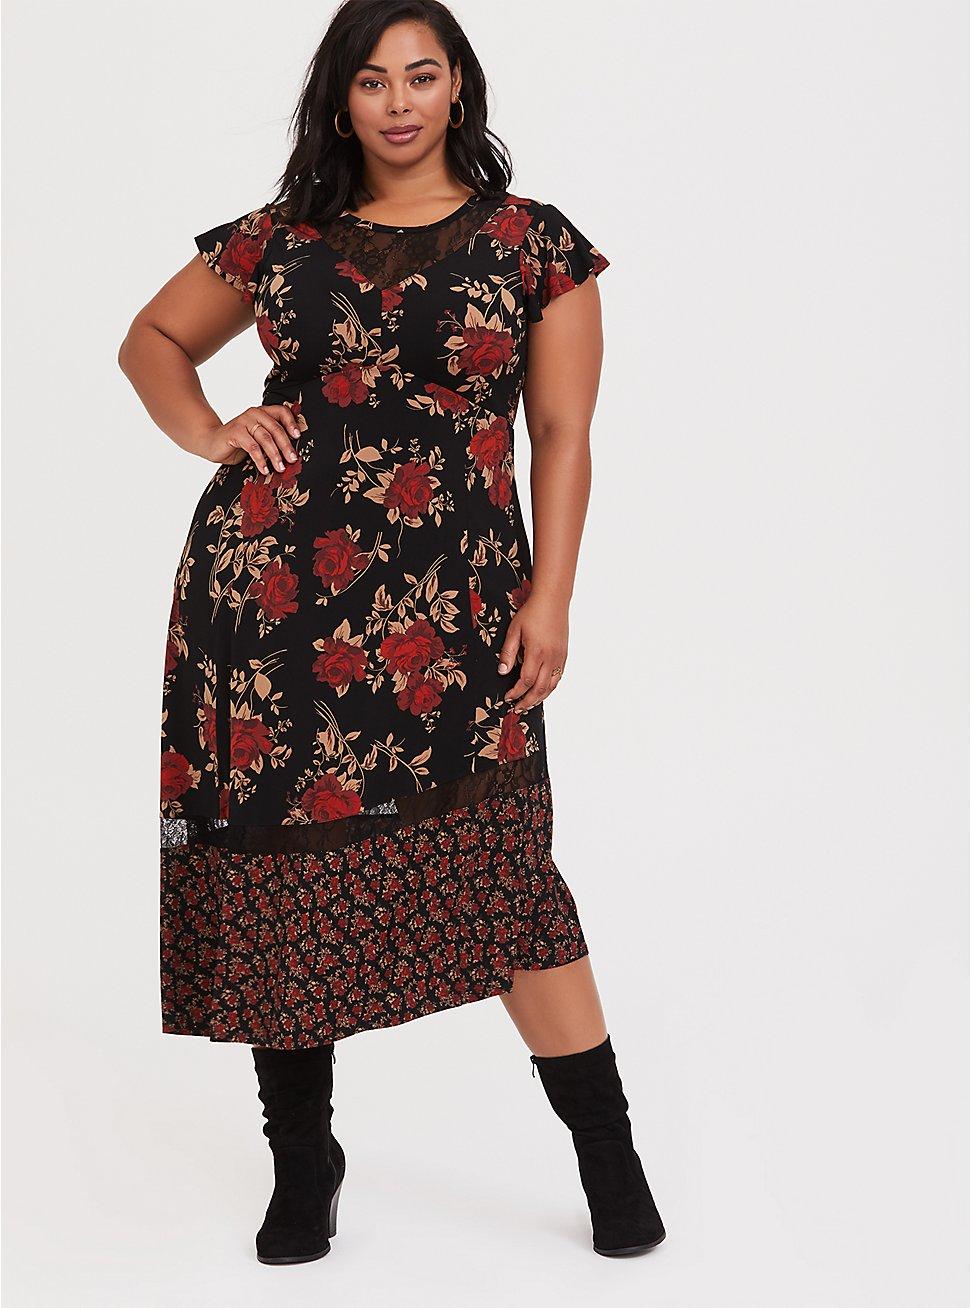 Black Lace & Studio Knit Floral Asymmetrical Midi Dress